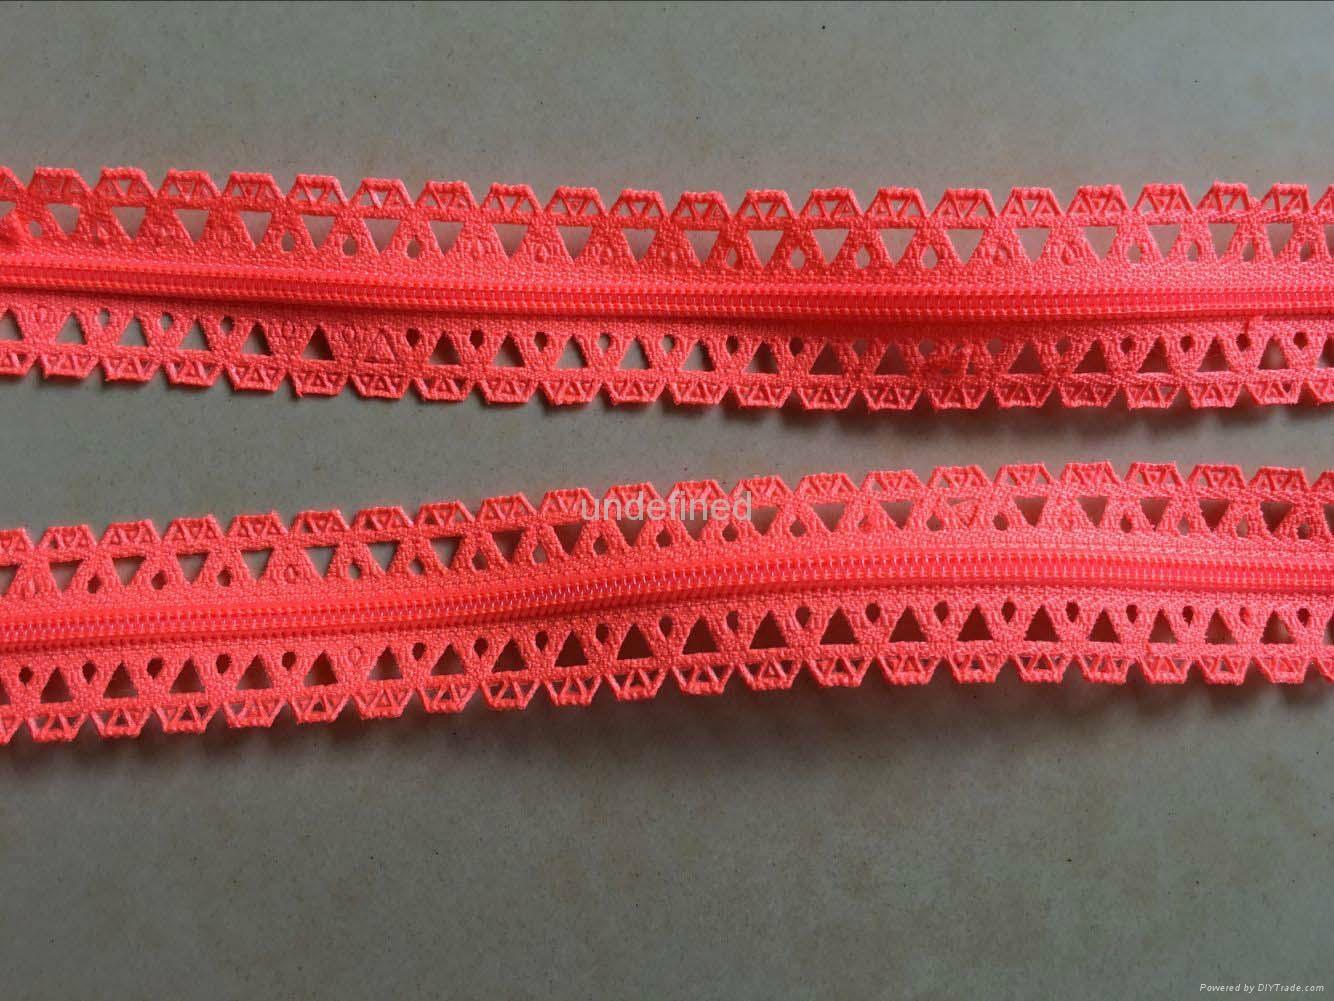 齿轮形拉链